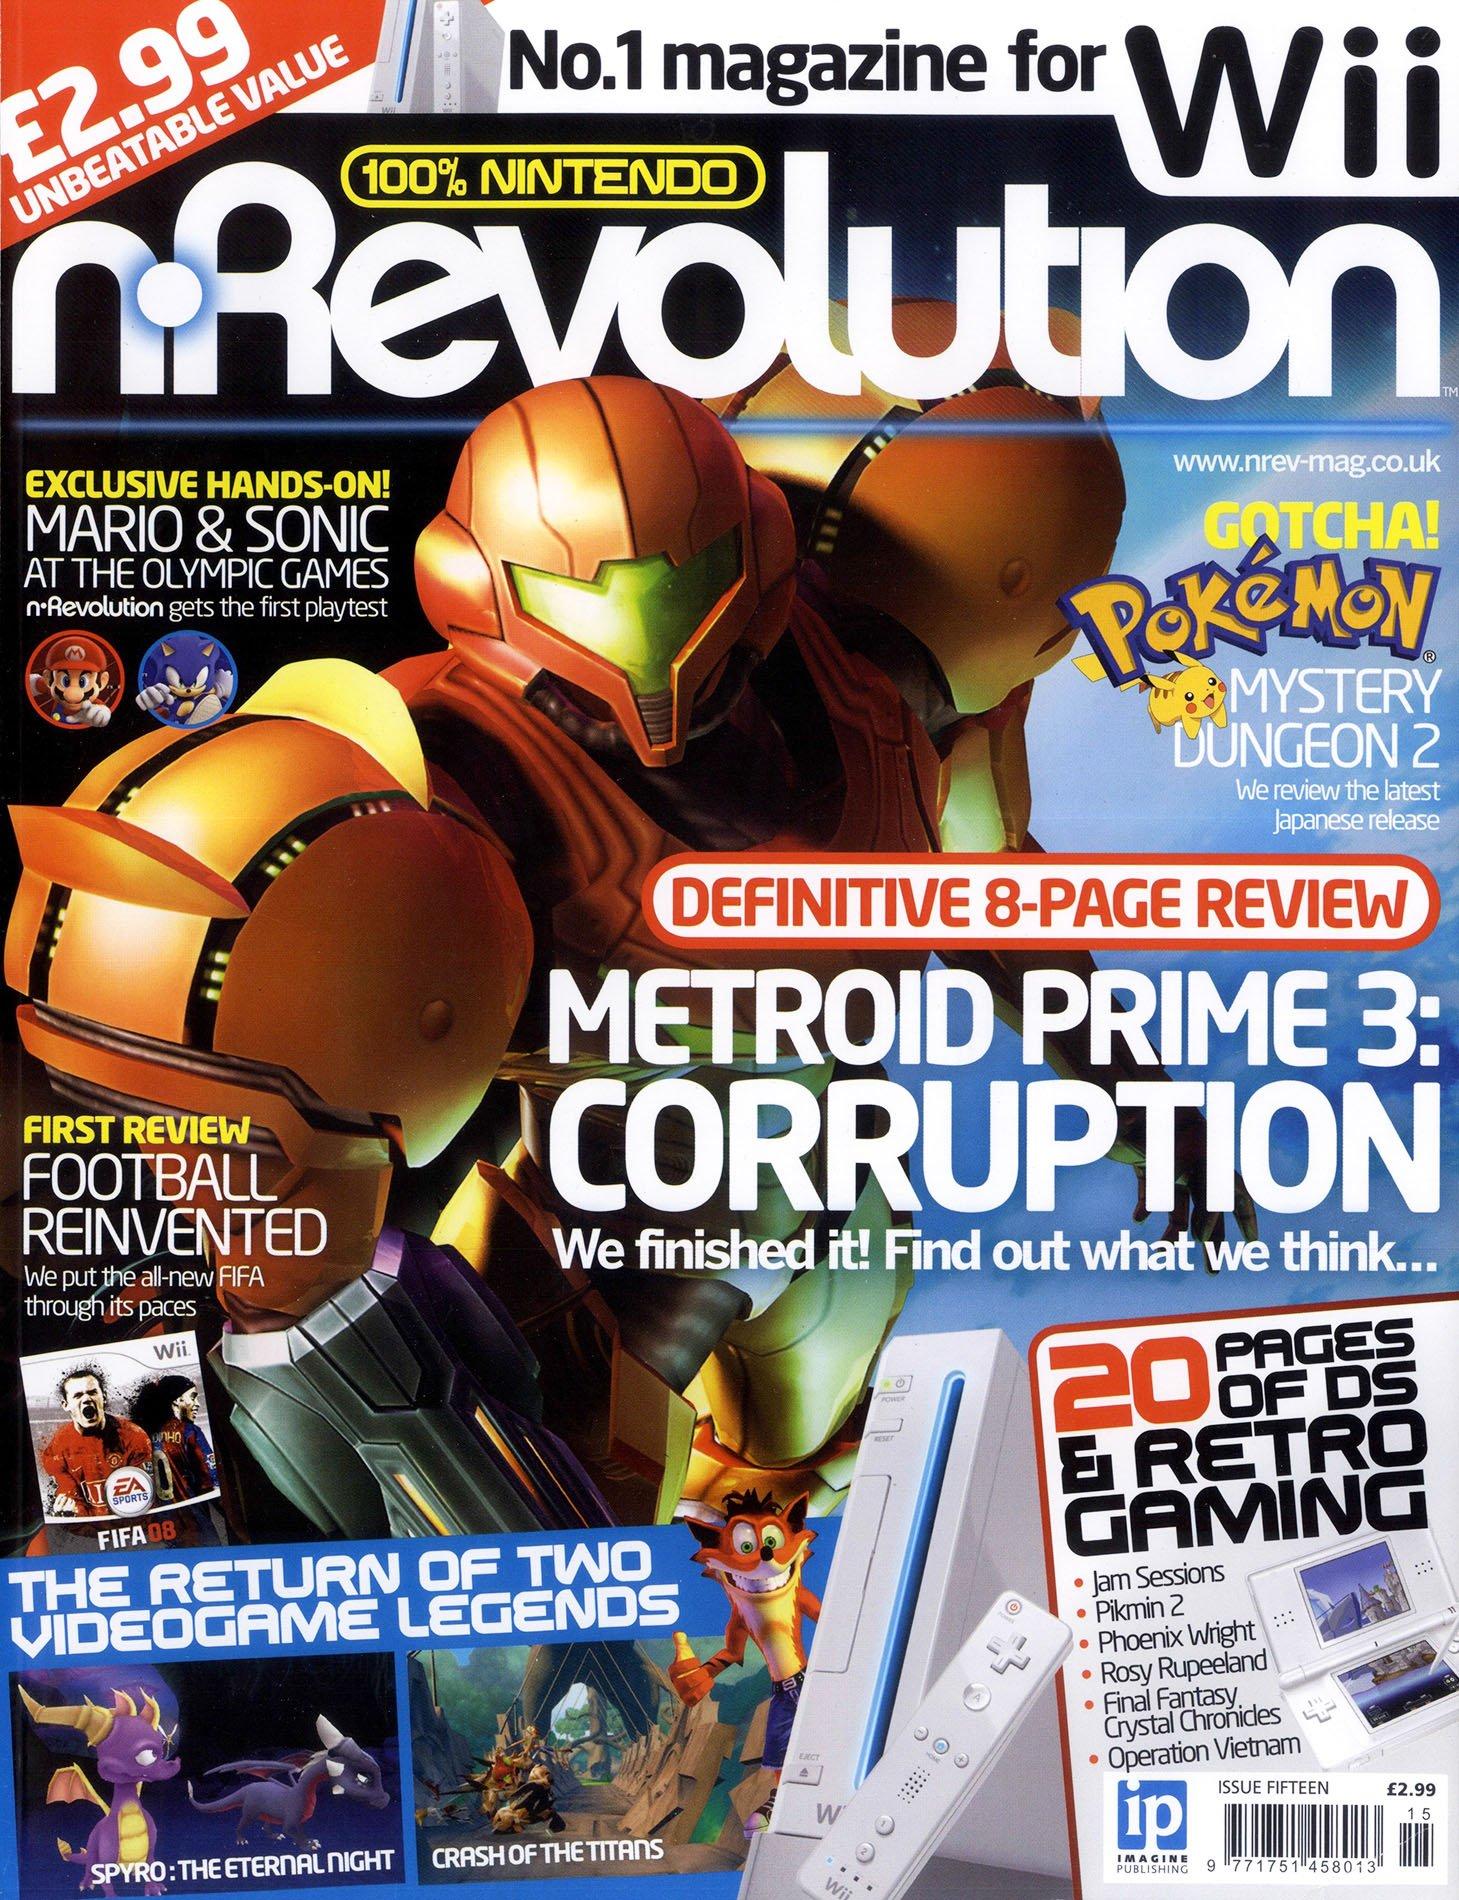 N-Revolution Issue 15 October 2007